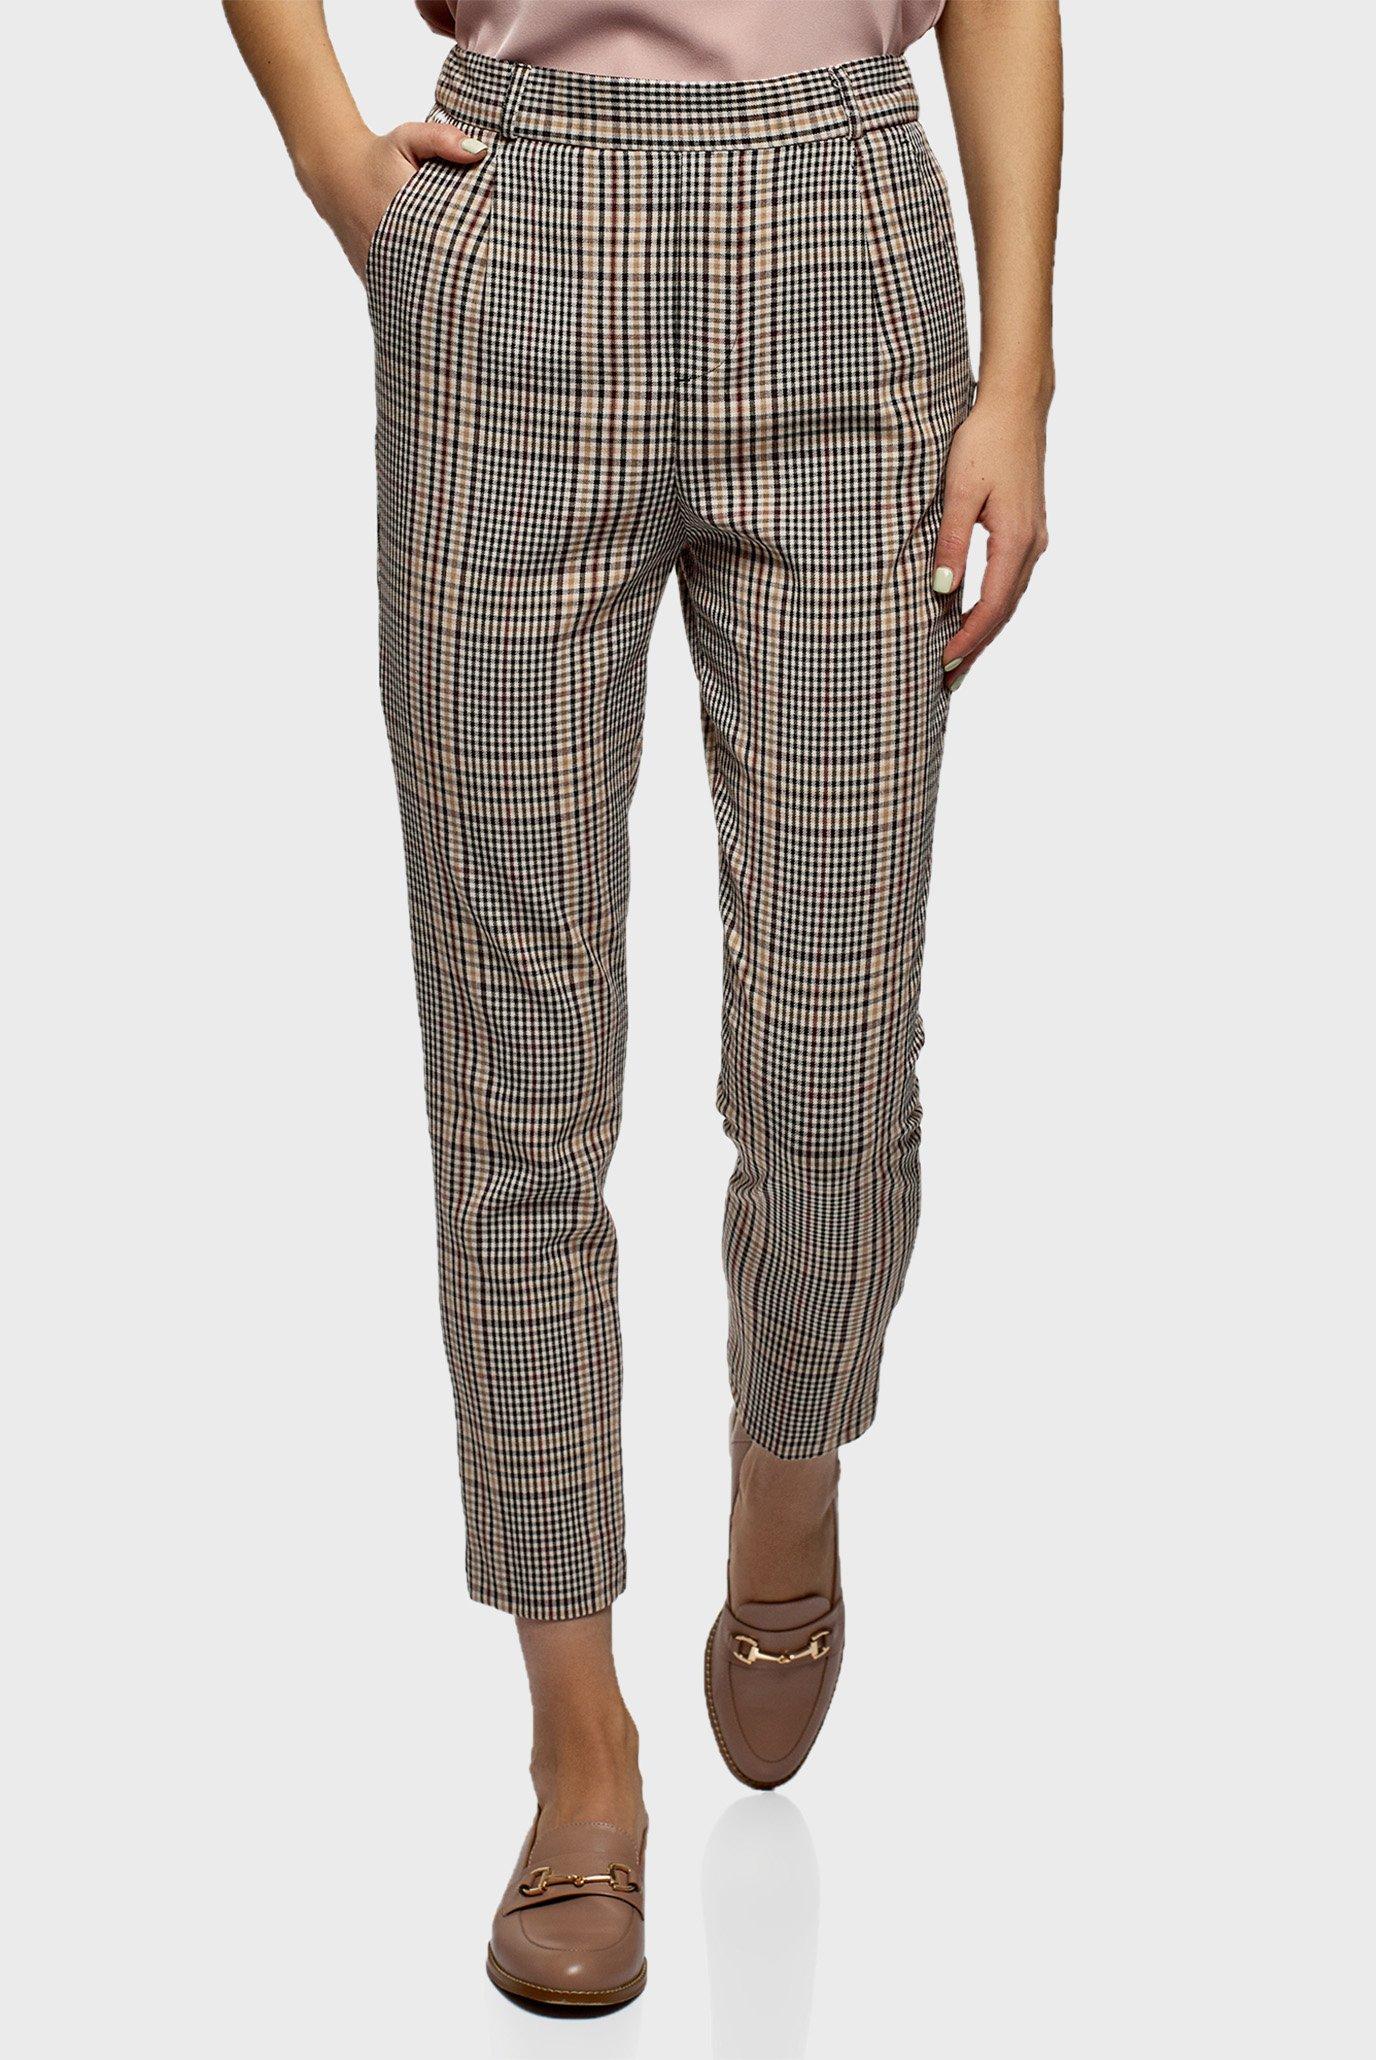 Жіночі брюки у клітинку 1